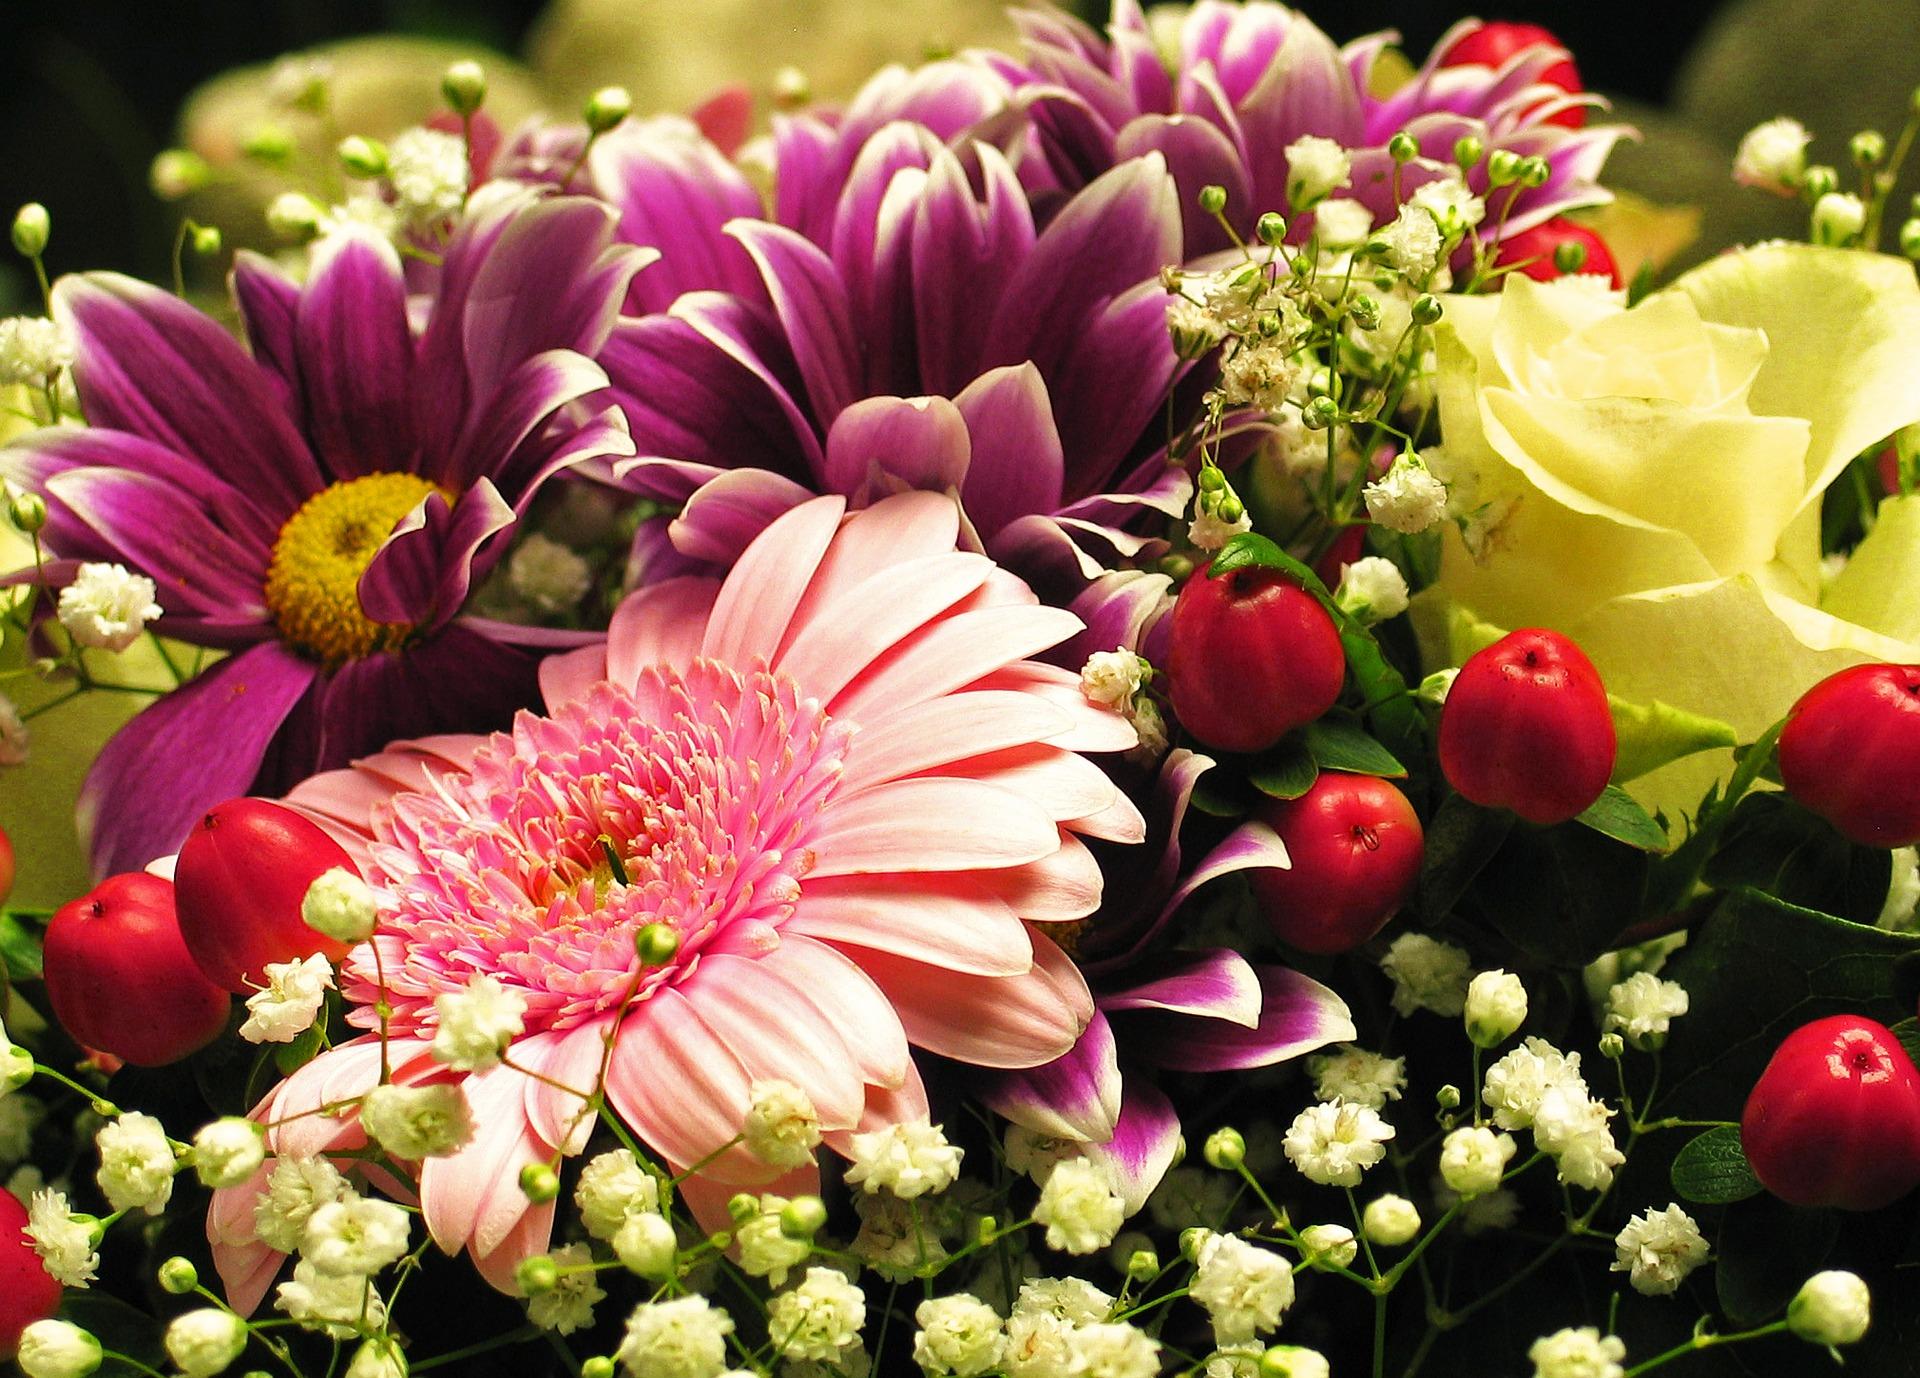 bouquet-2500028_1920